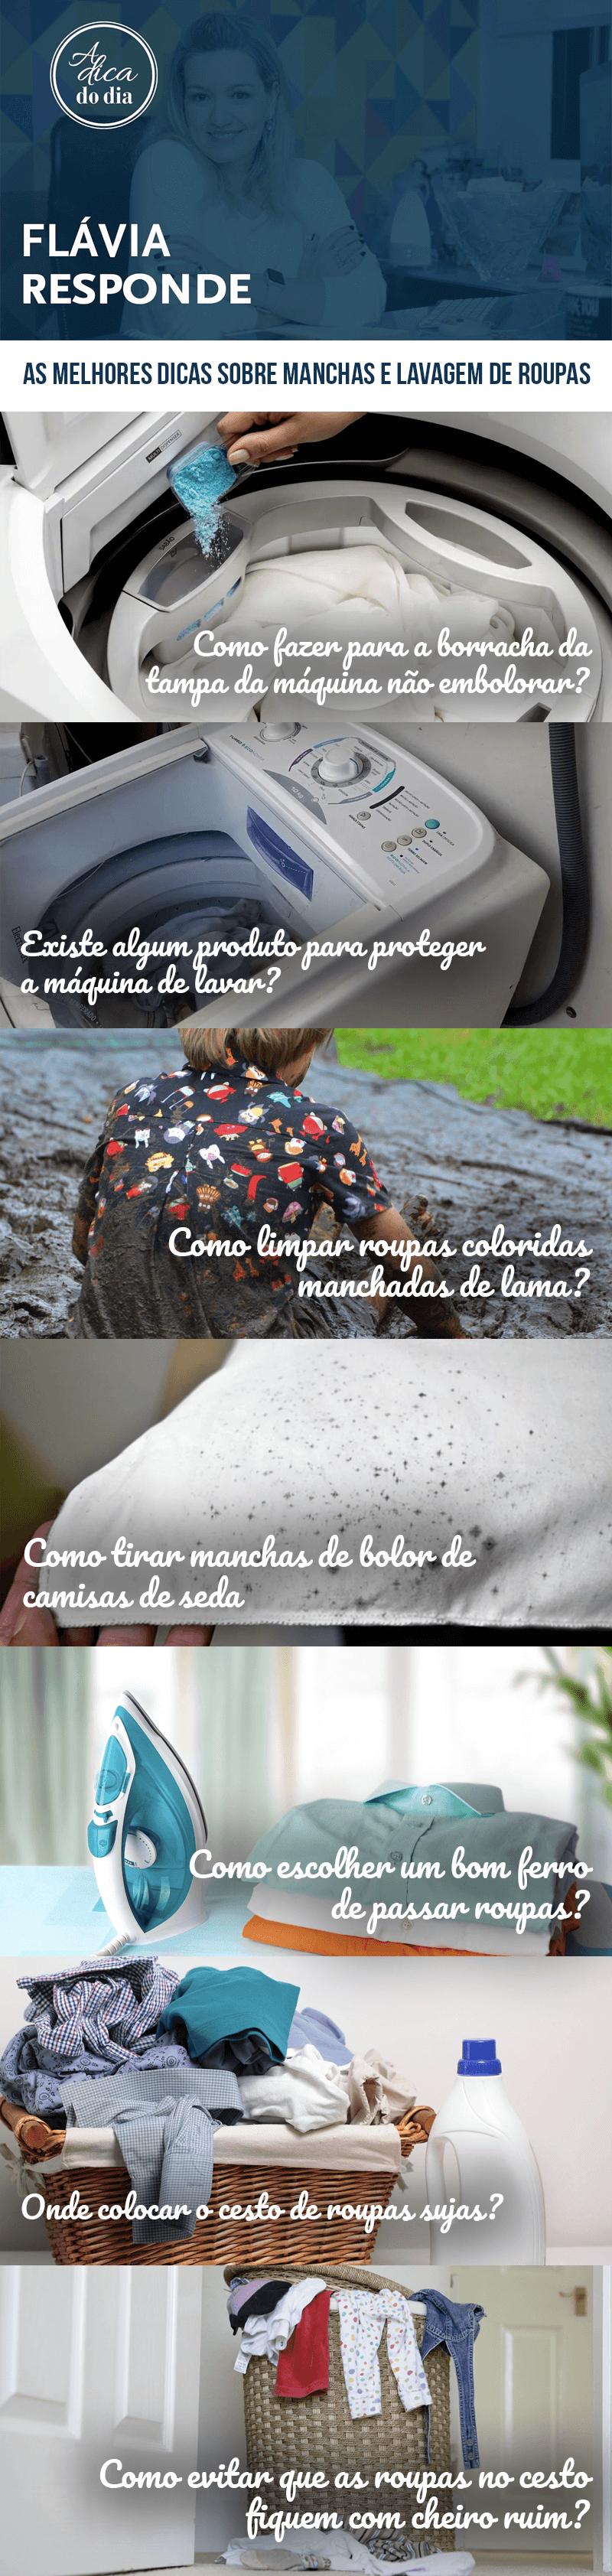 Manchas e lavagem de roupas Flávia Ferrari